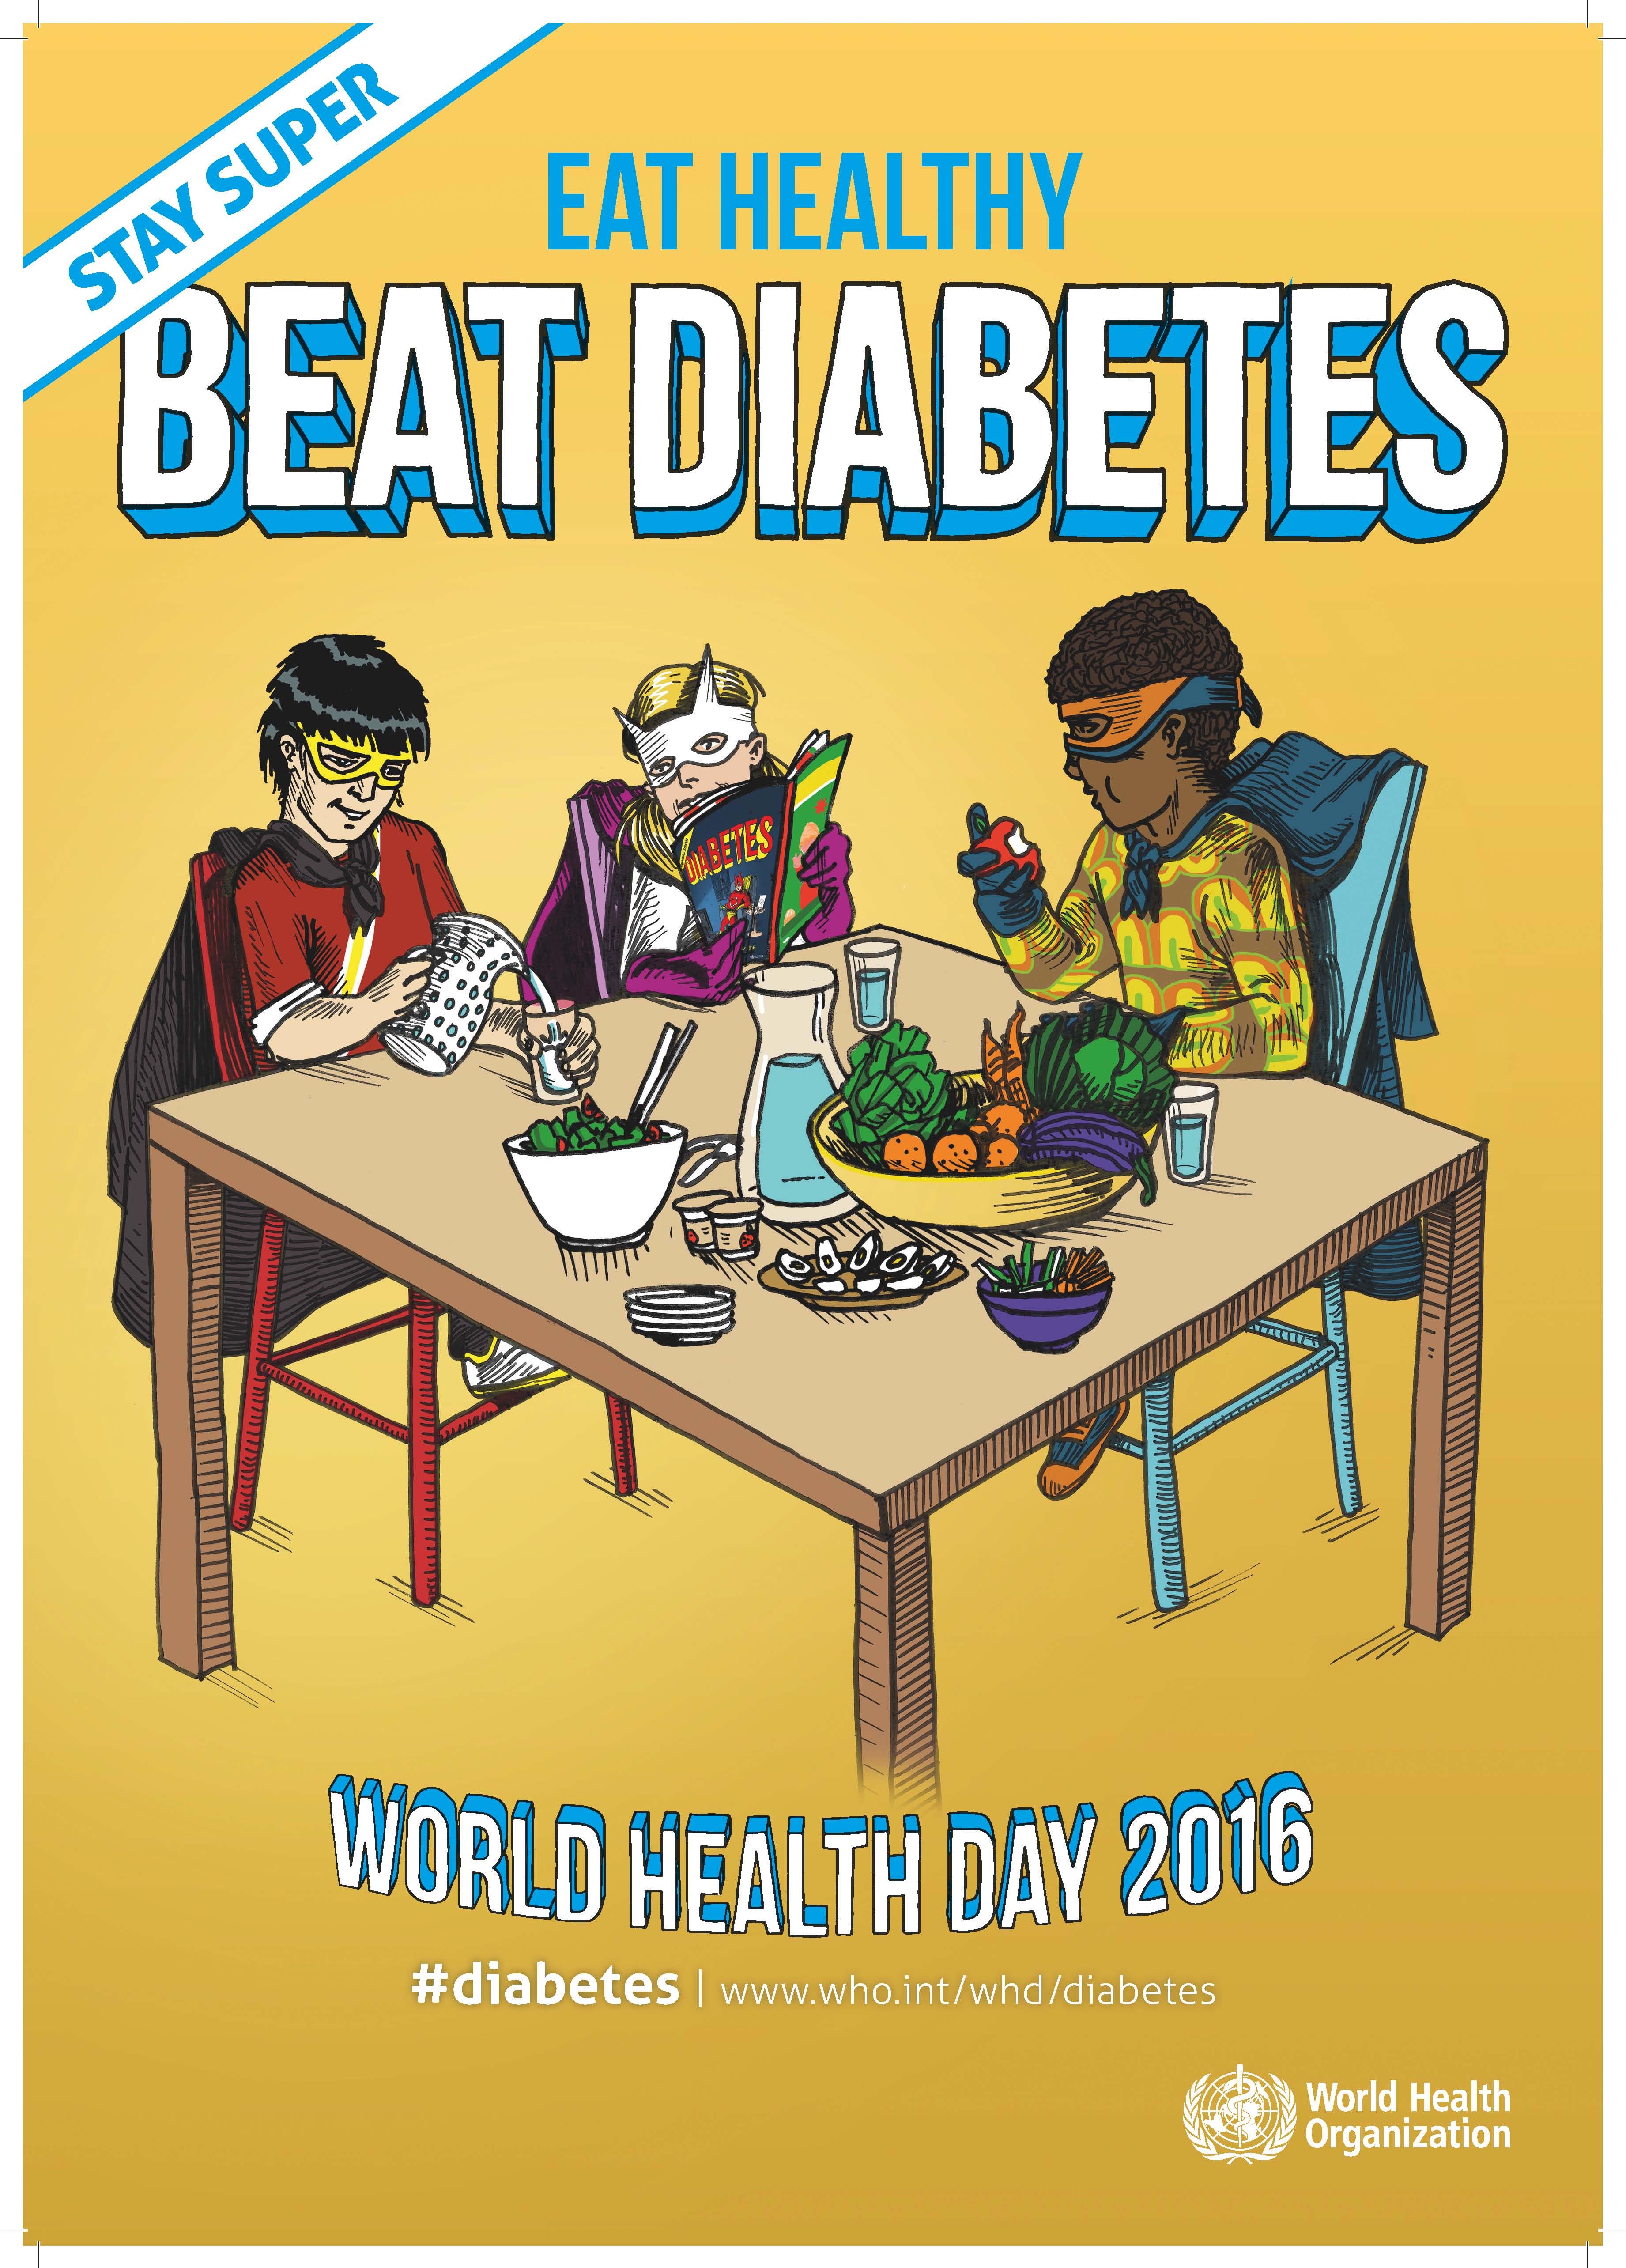 Академия Първа Помощ Световен ден на здравето –  422 млн души страдат от диабет